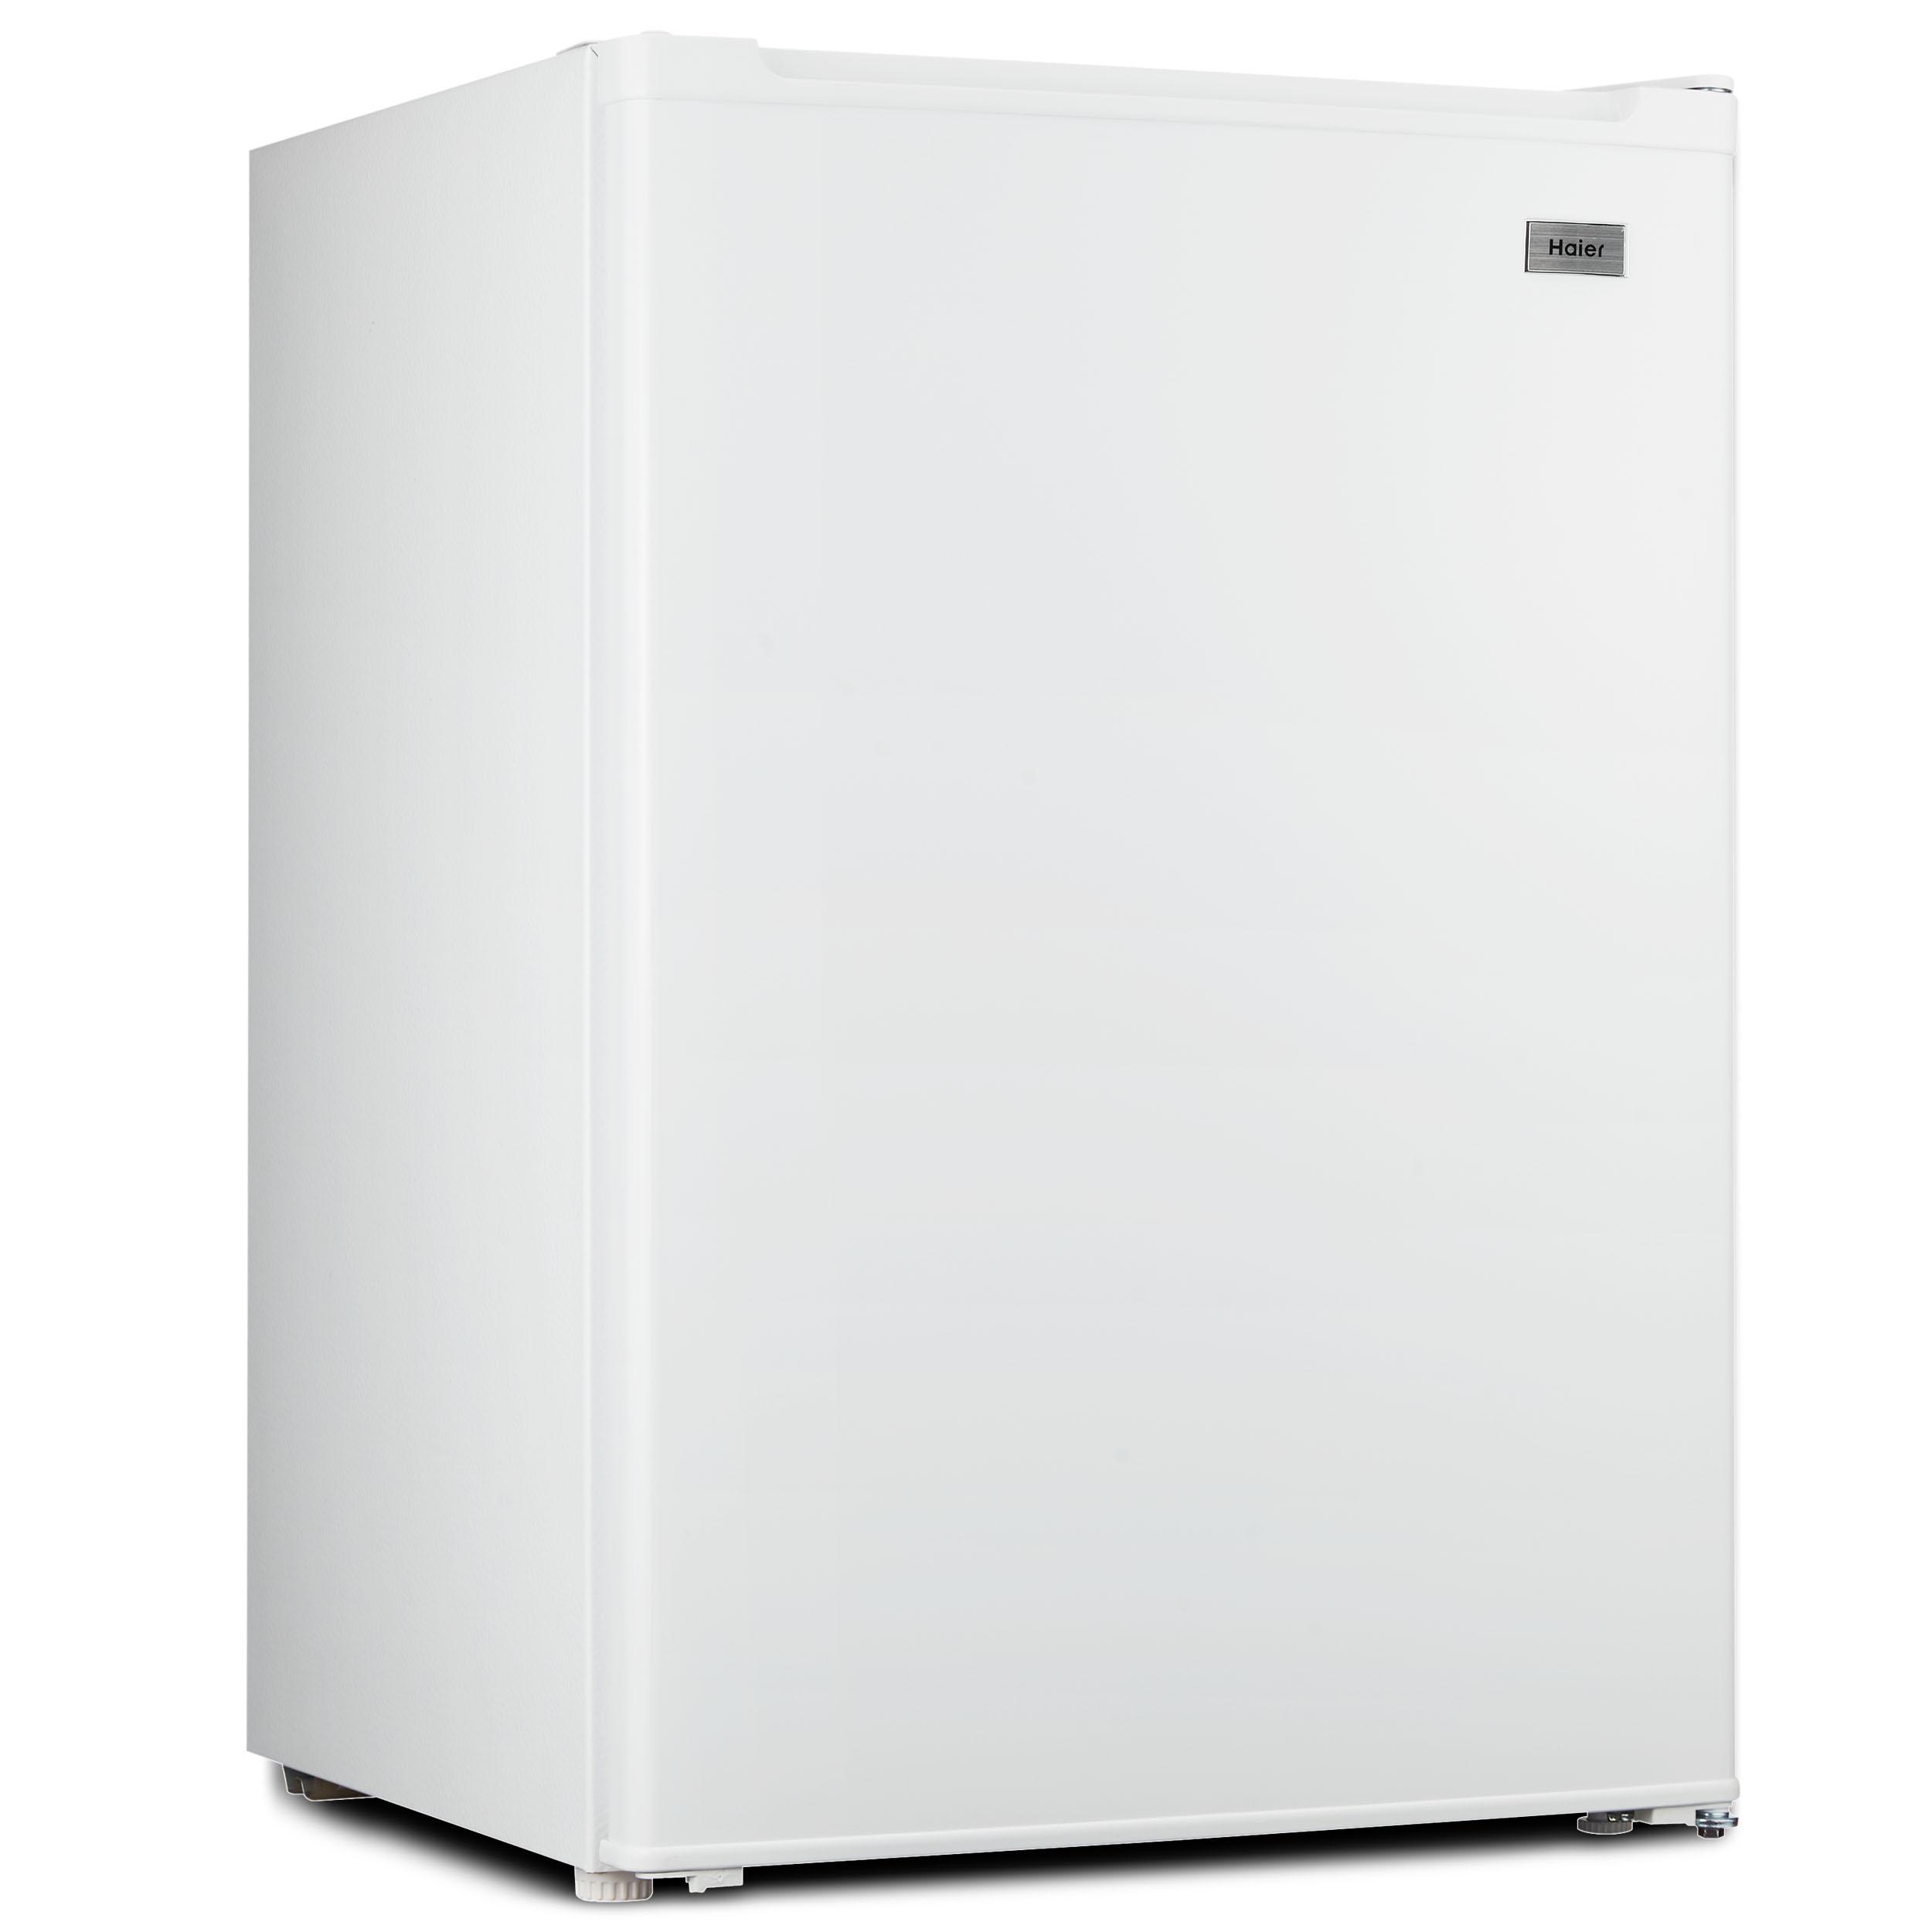 하이얼 소형미니냉장고 76L 자가설치, HRT78MDW(화이트)